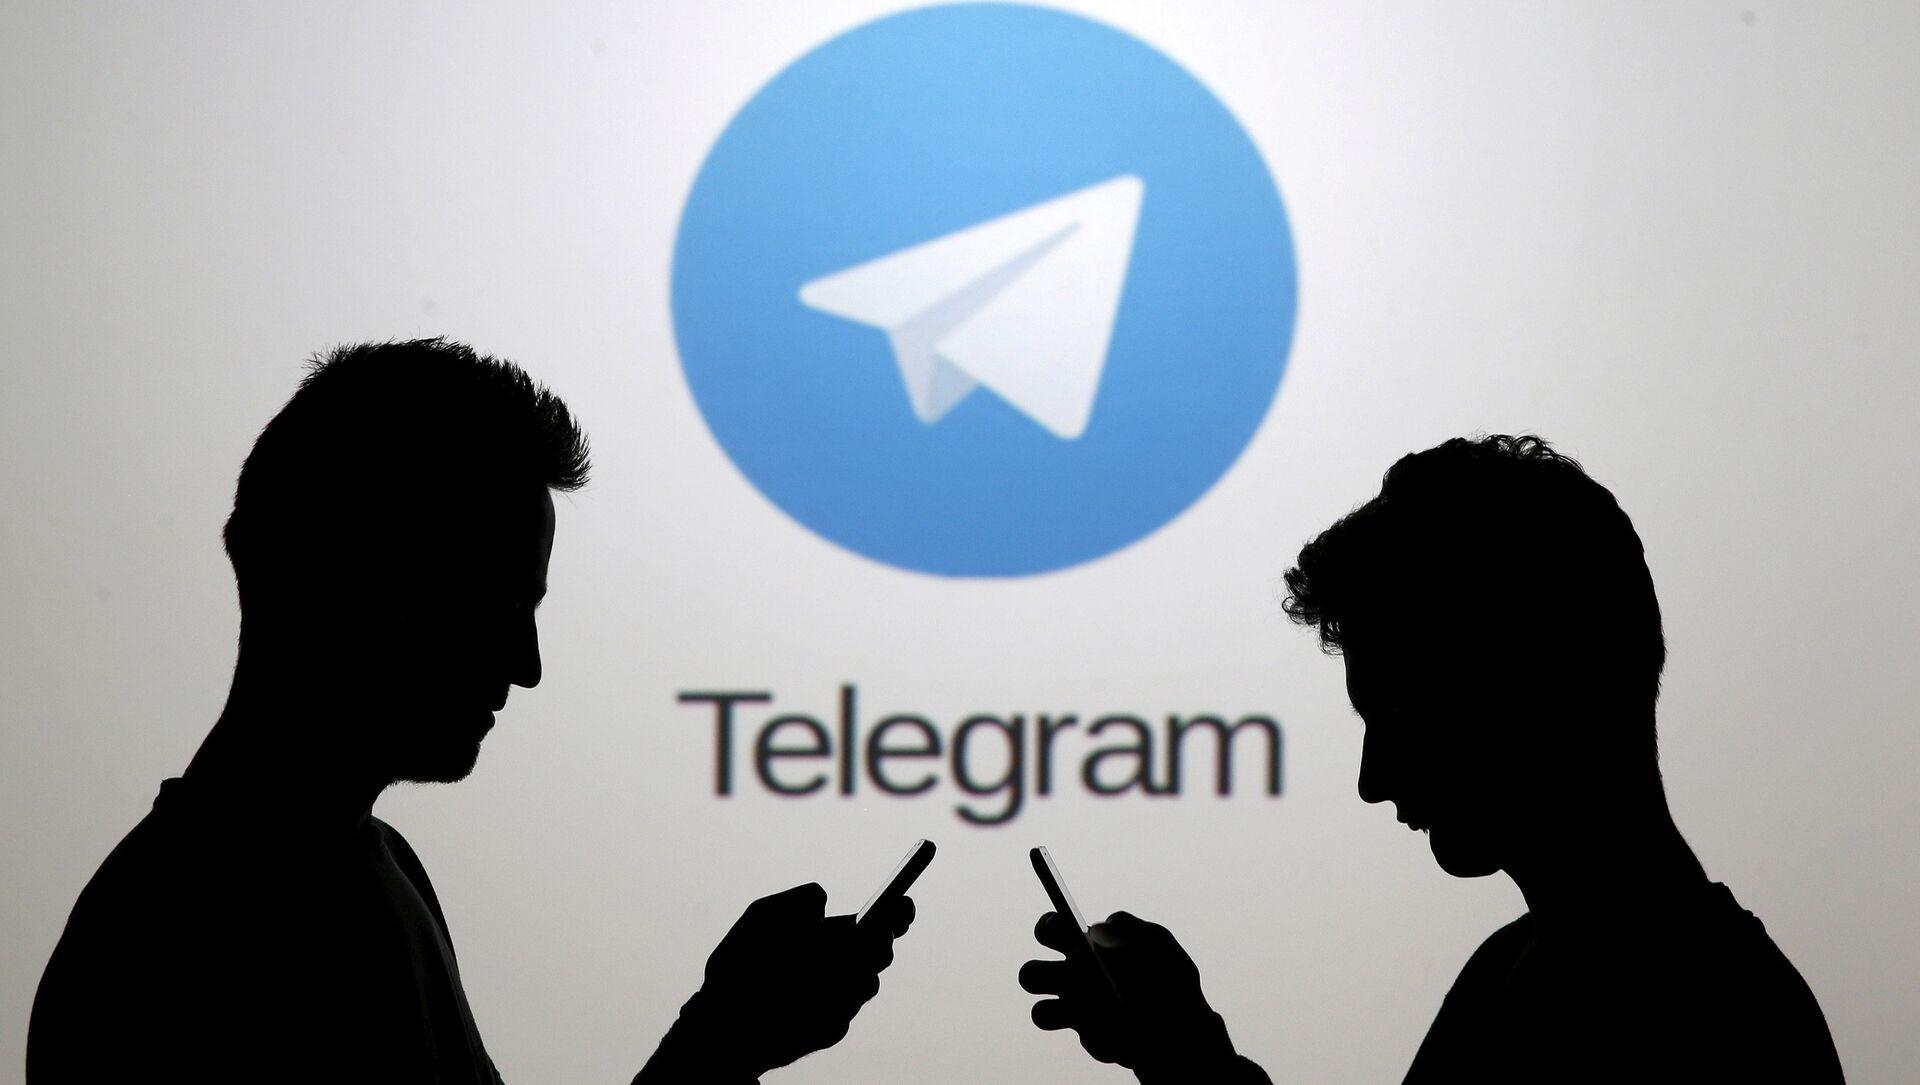 Telegram - Sputnik Mundo, 1920, 13.05.2020